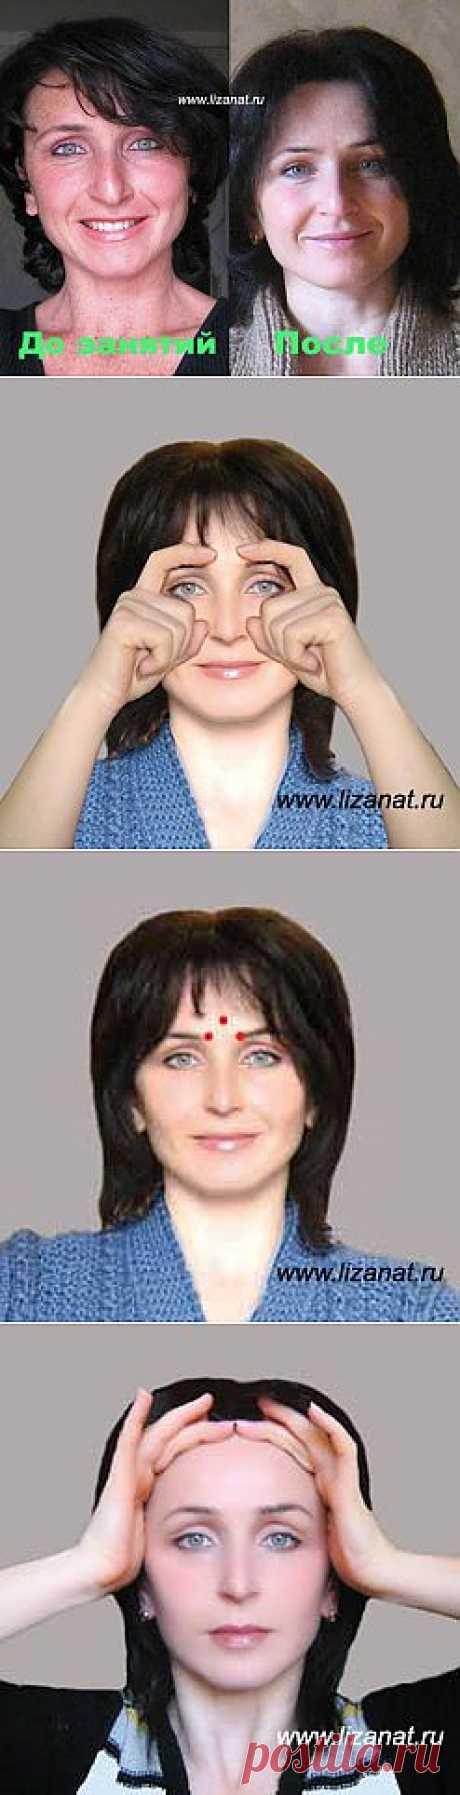 Подтяжка лица своими руками | ПолонСил.ру - социальная сеть здоровья